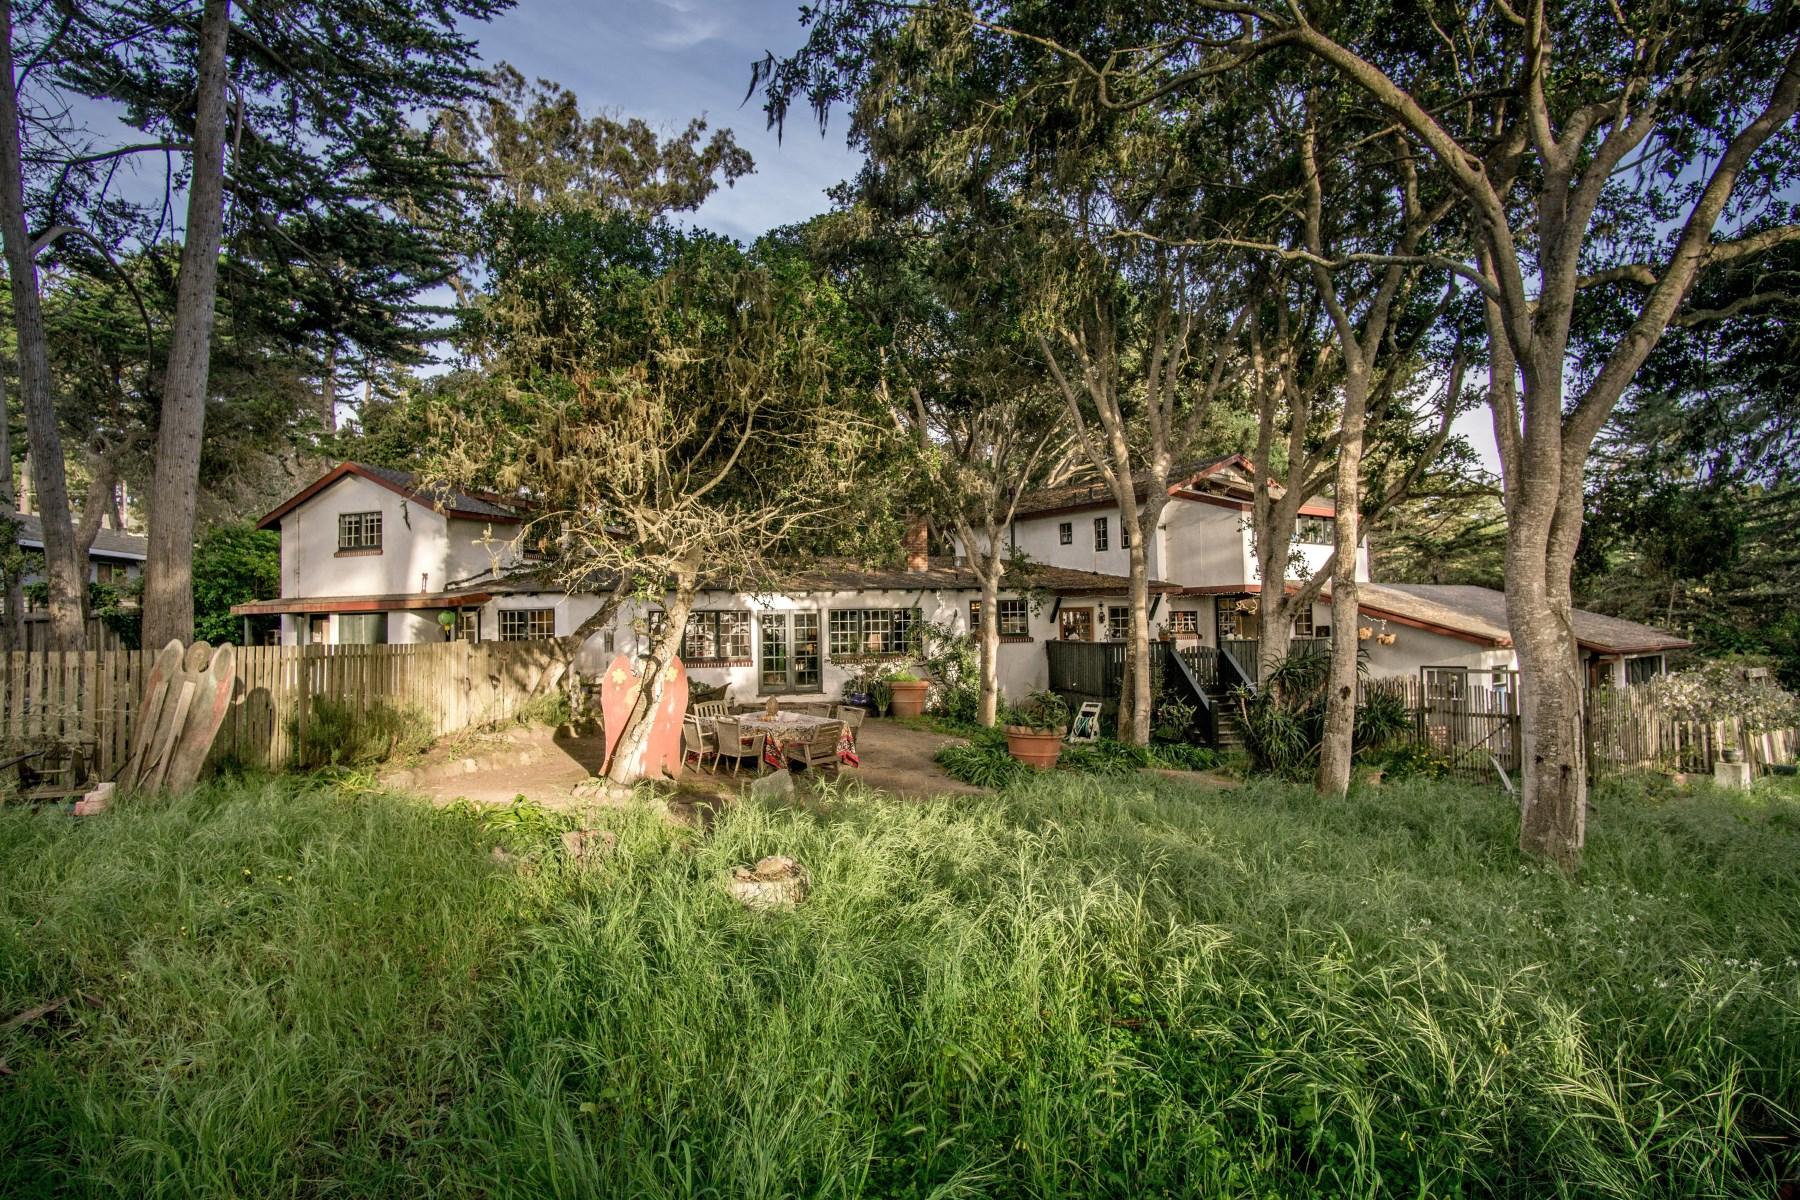 Residencial - Outro para Venda às Asilomar Home Plus Guest Cottage 280 Grove Acre Avenue Pacific Grove, Califórnia, 93950 Estados Unidos